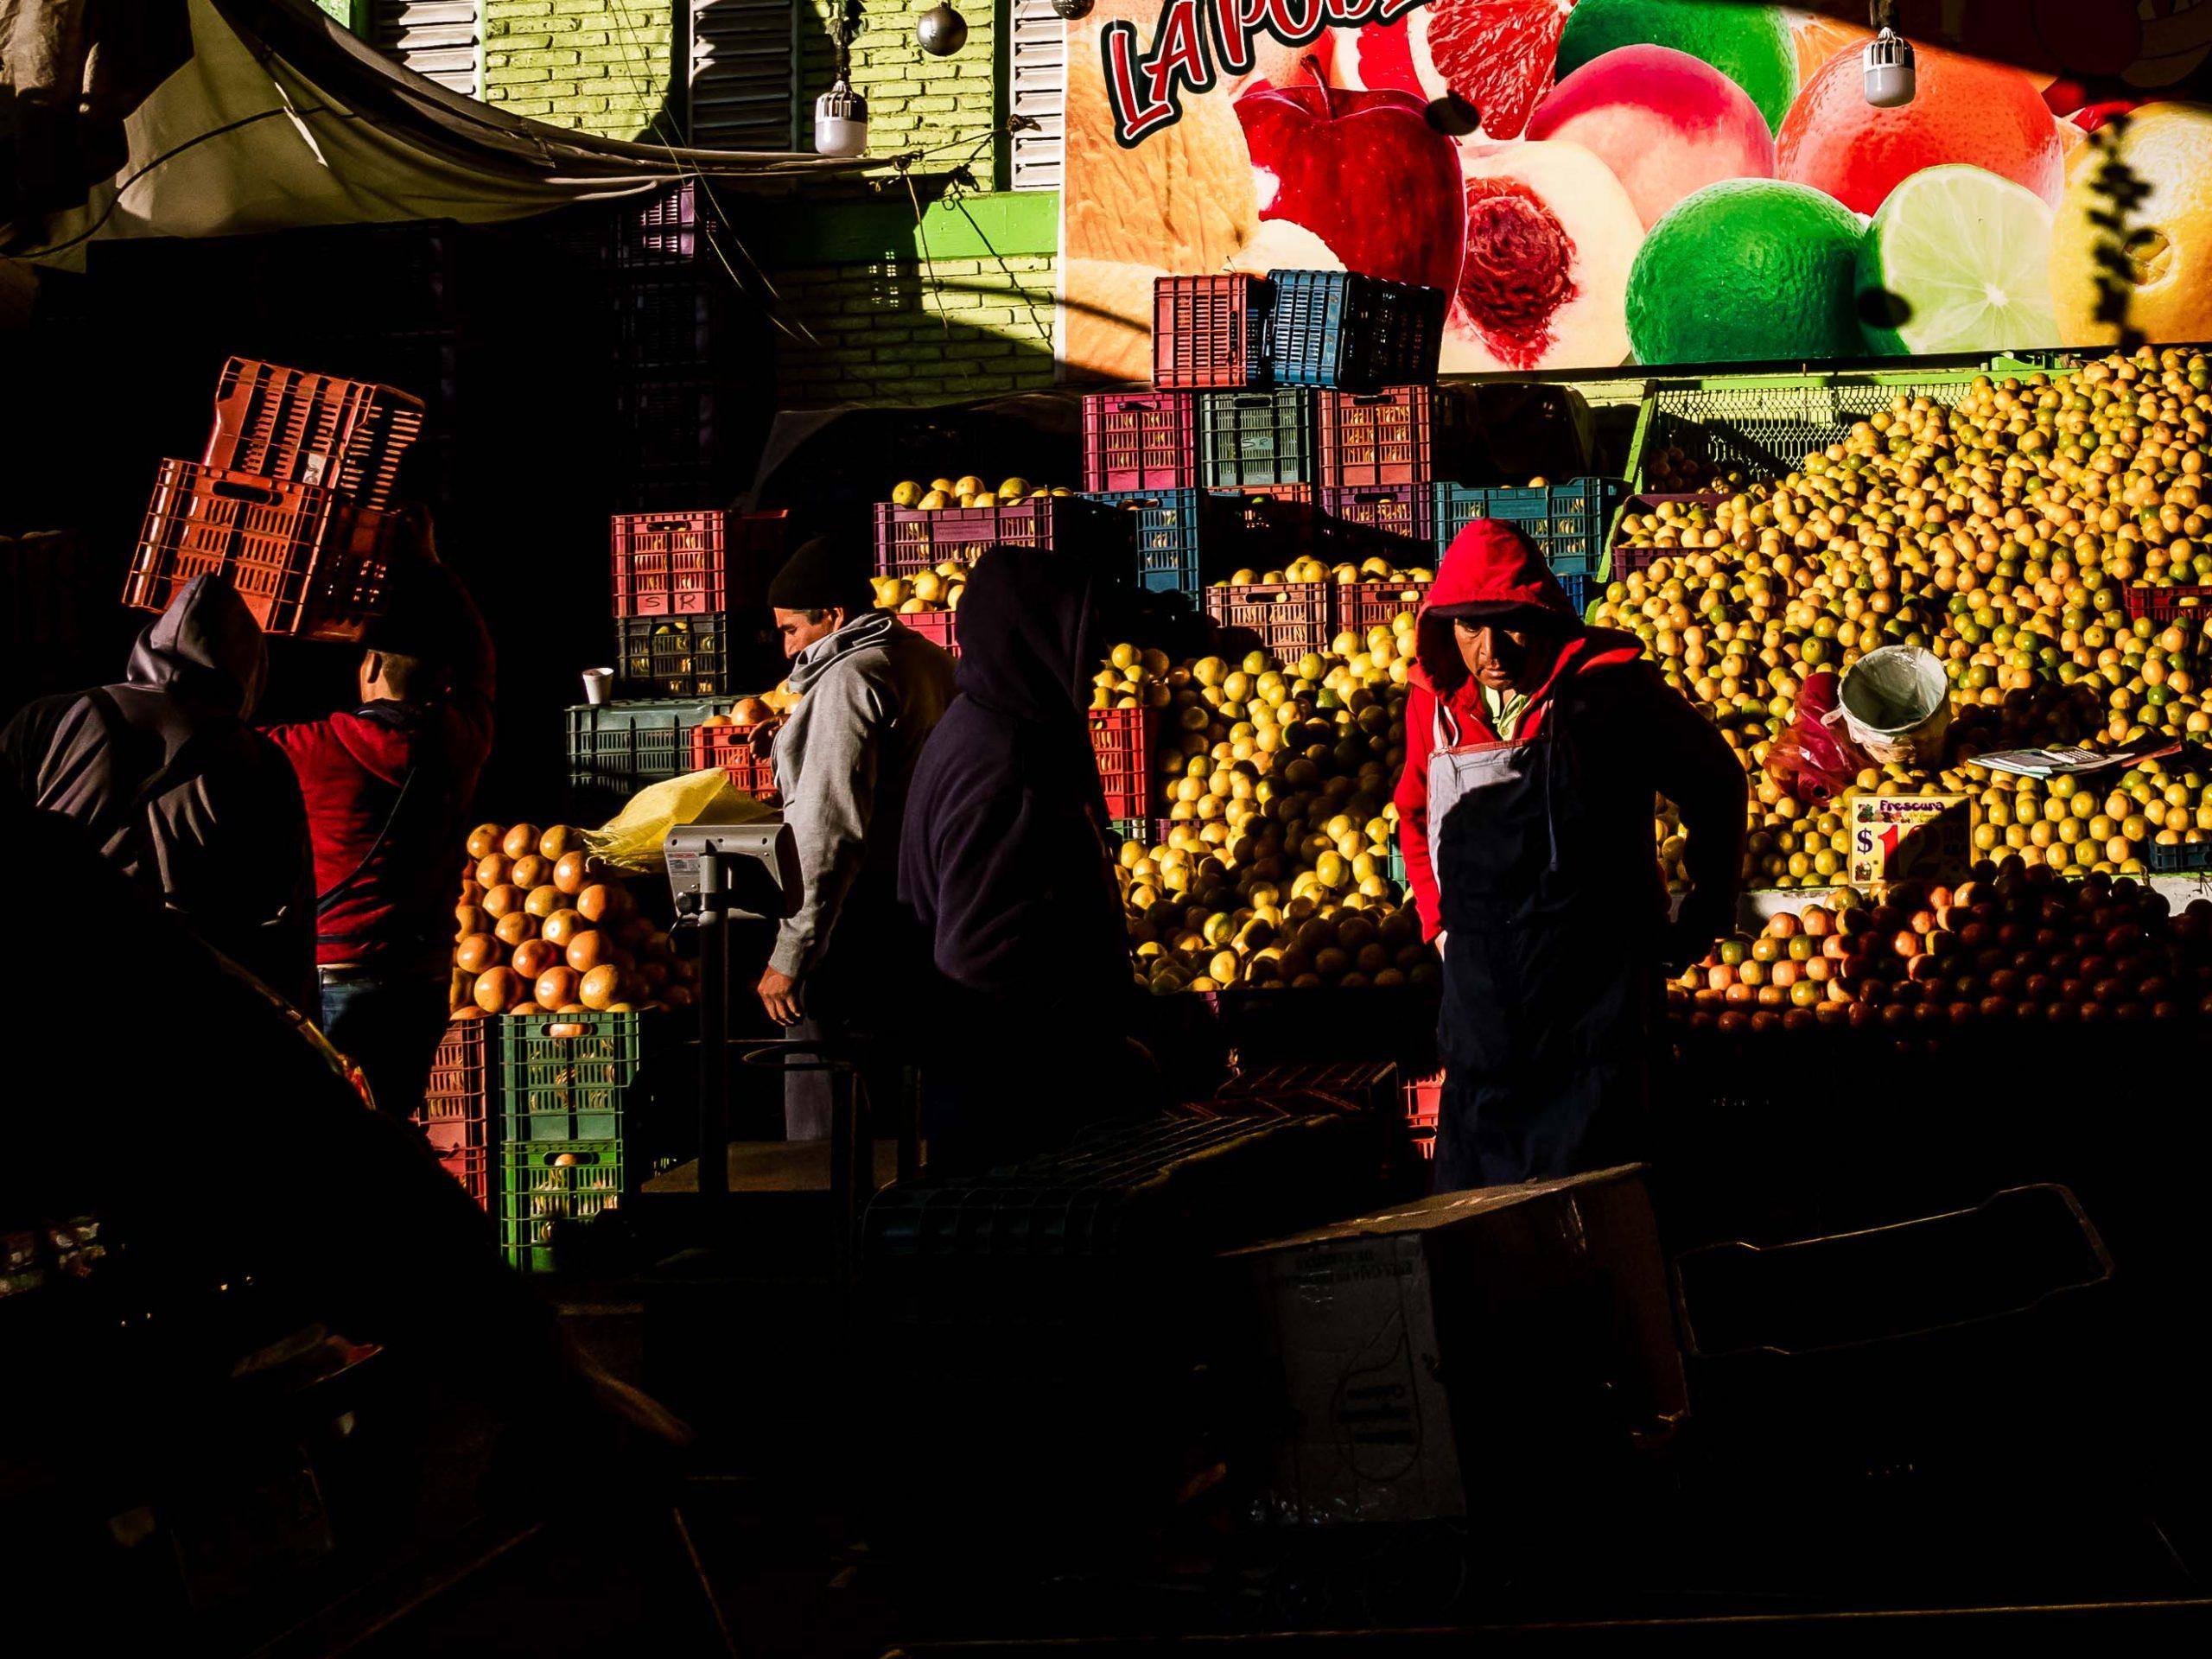 Morgens auf Mercado de Abasto in Oaxaca Mexiko